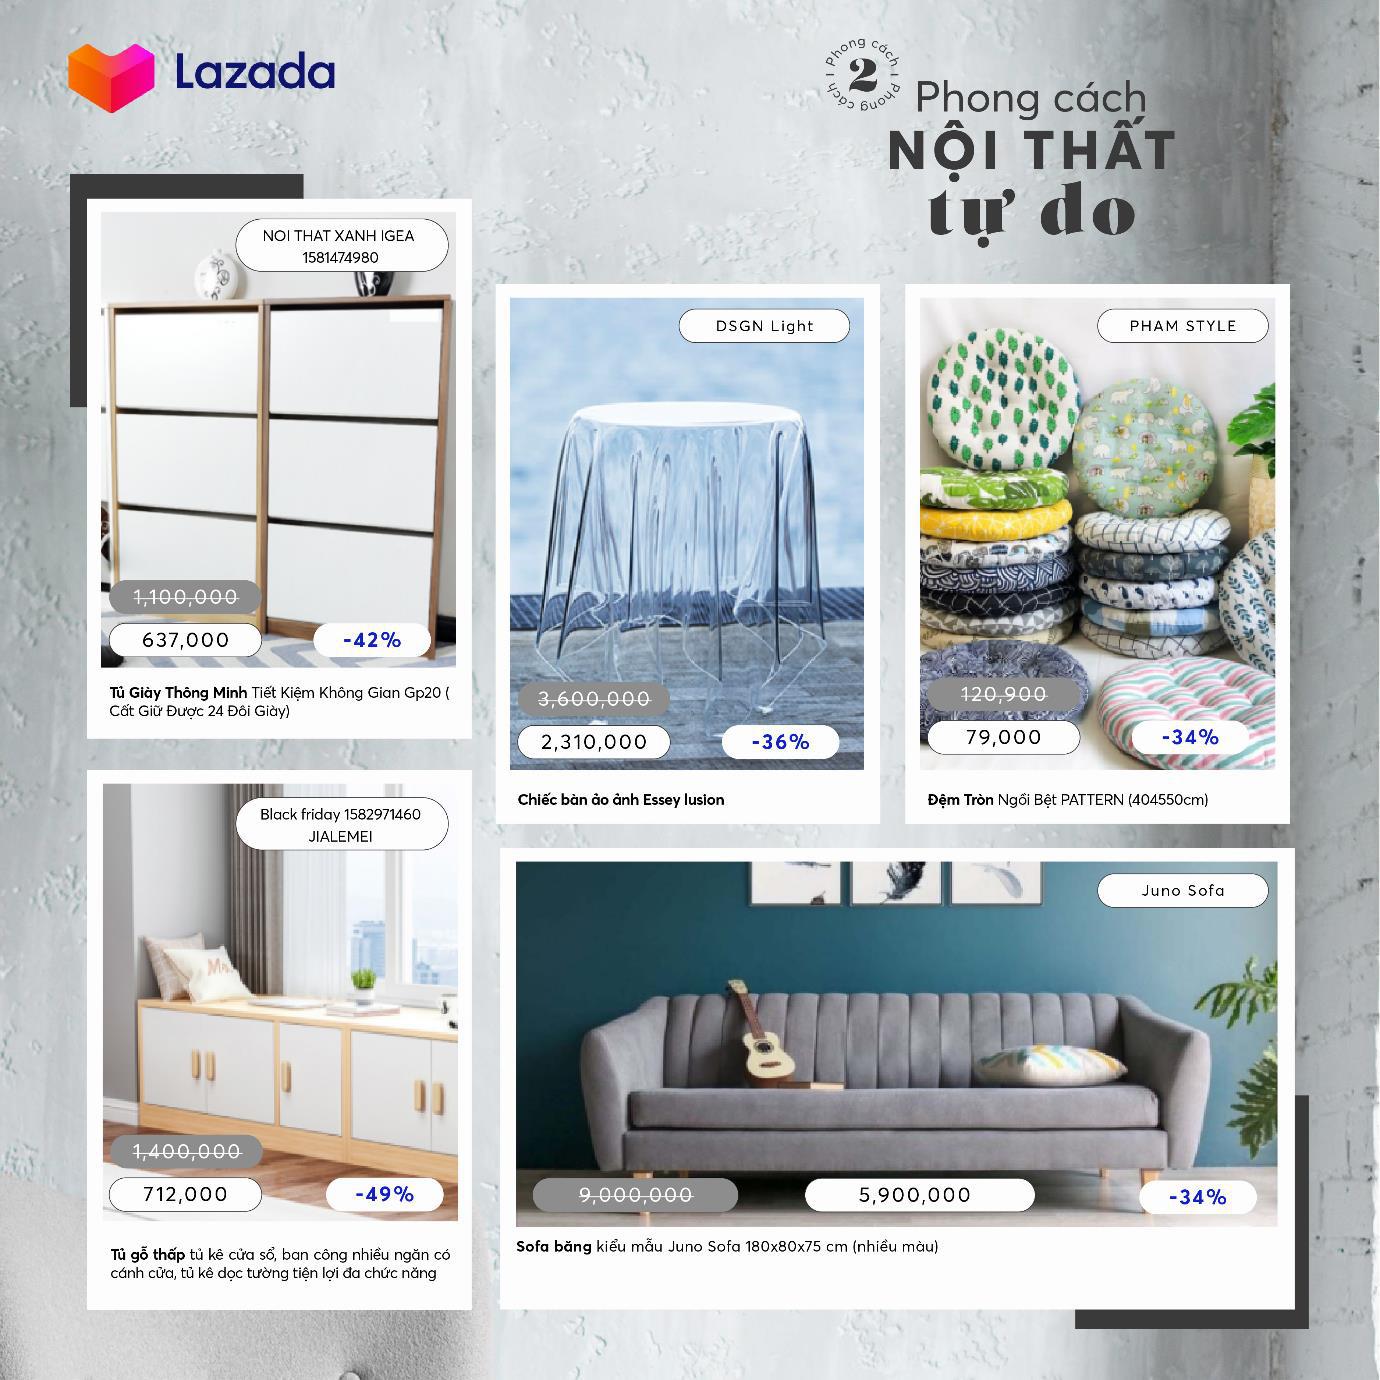 6 phong cách decor nhà cửa đón Tết và loạt đồ nội thất sale đẫm không thể bỏ qua - Ảnh 2.